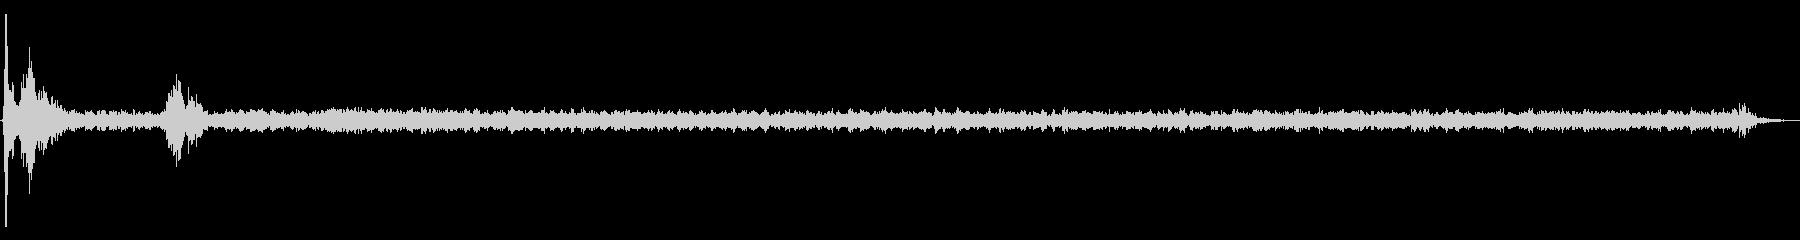 ピックアップトラック:スタート、ア...の未再生の波形